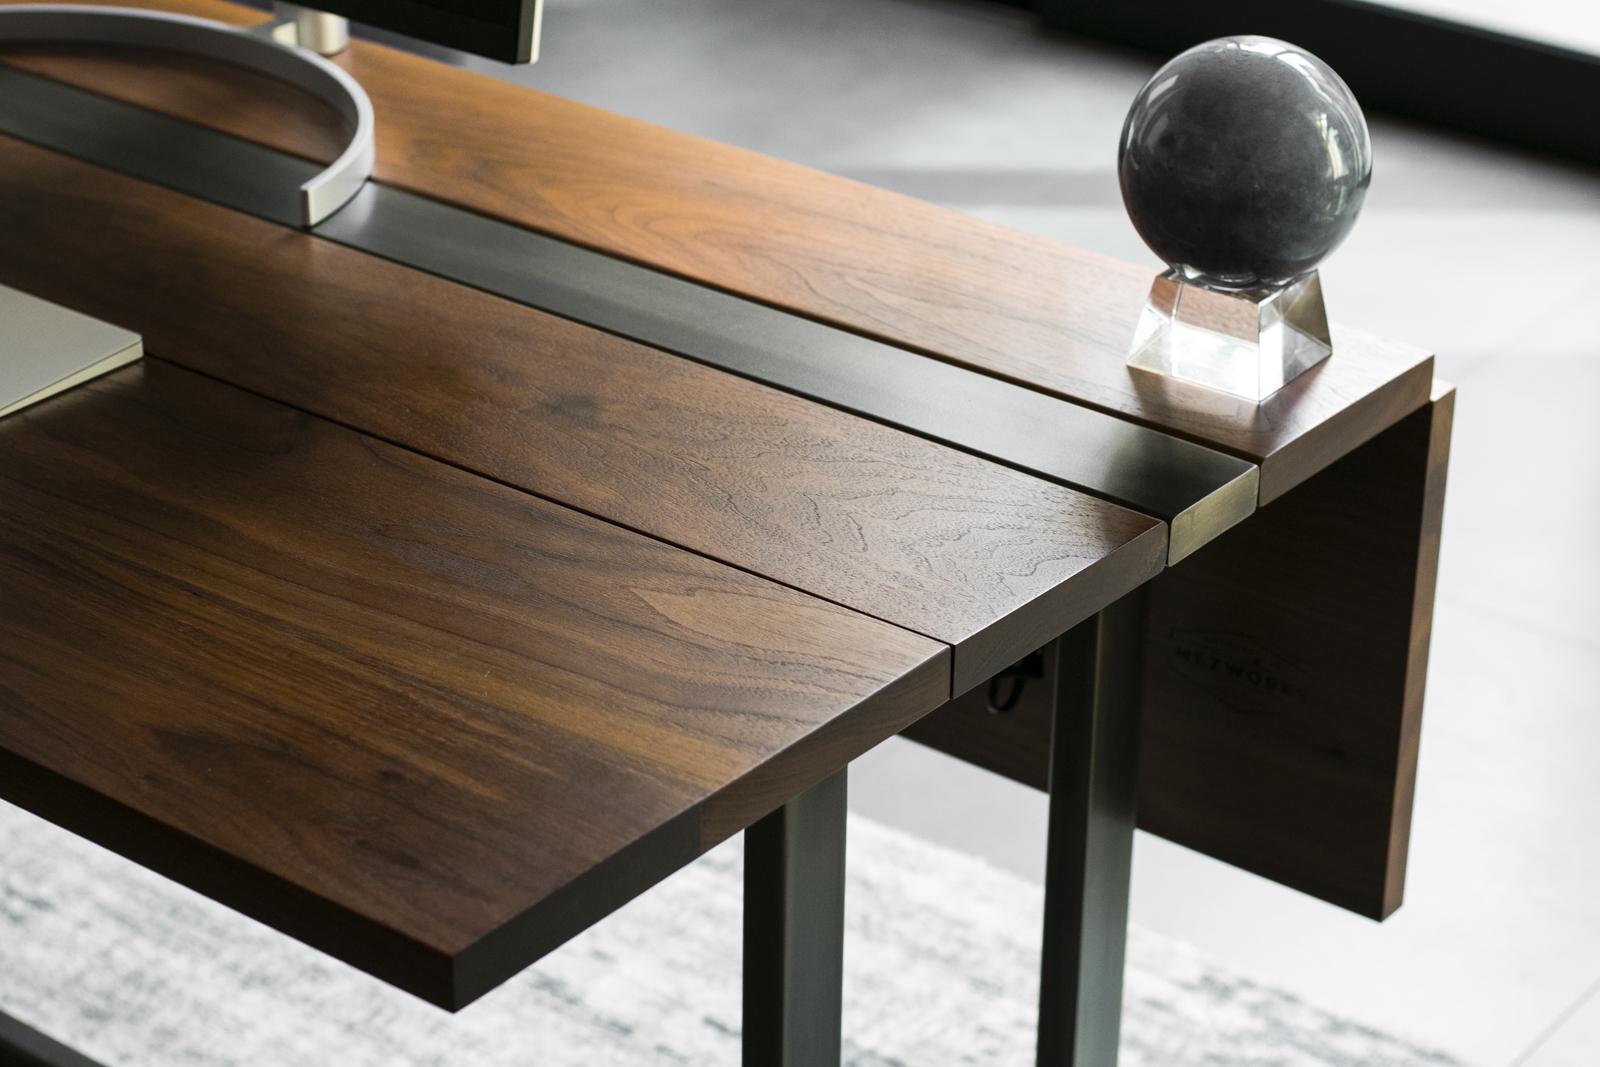 U0027Insigniau0027 Drop Leaf Walnut Table Or Desk // U0027Nakashimau0027 Inspired ...